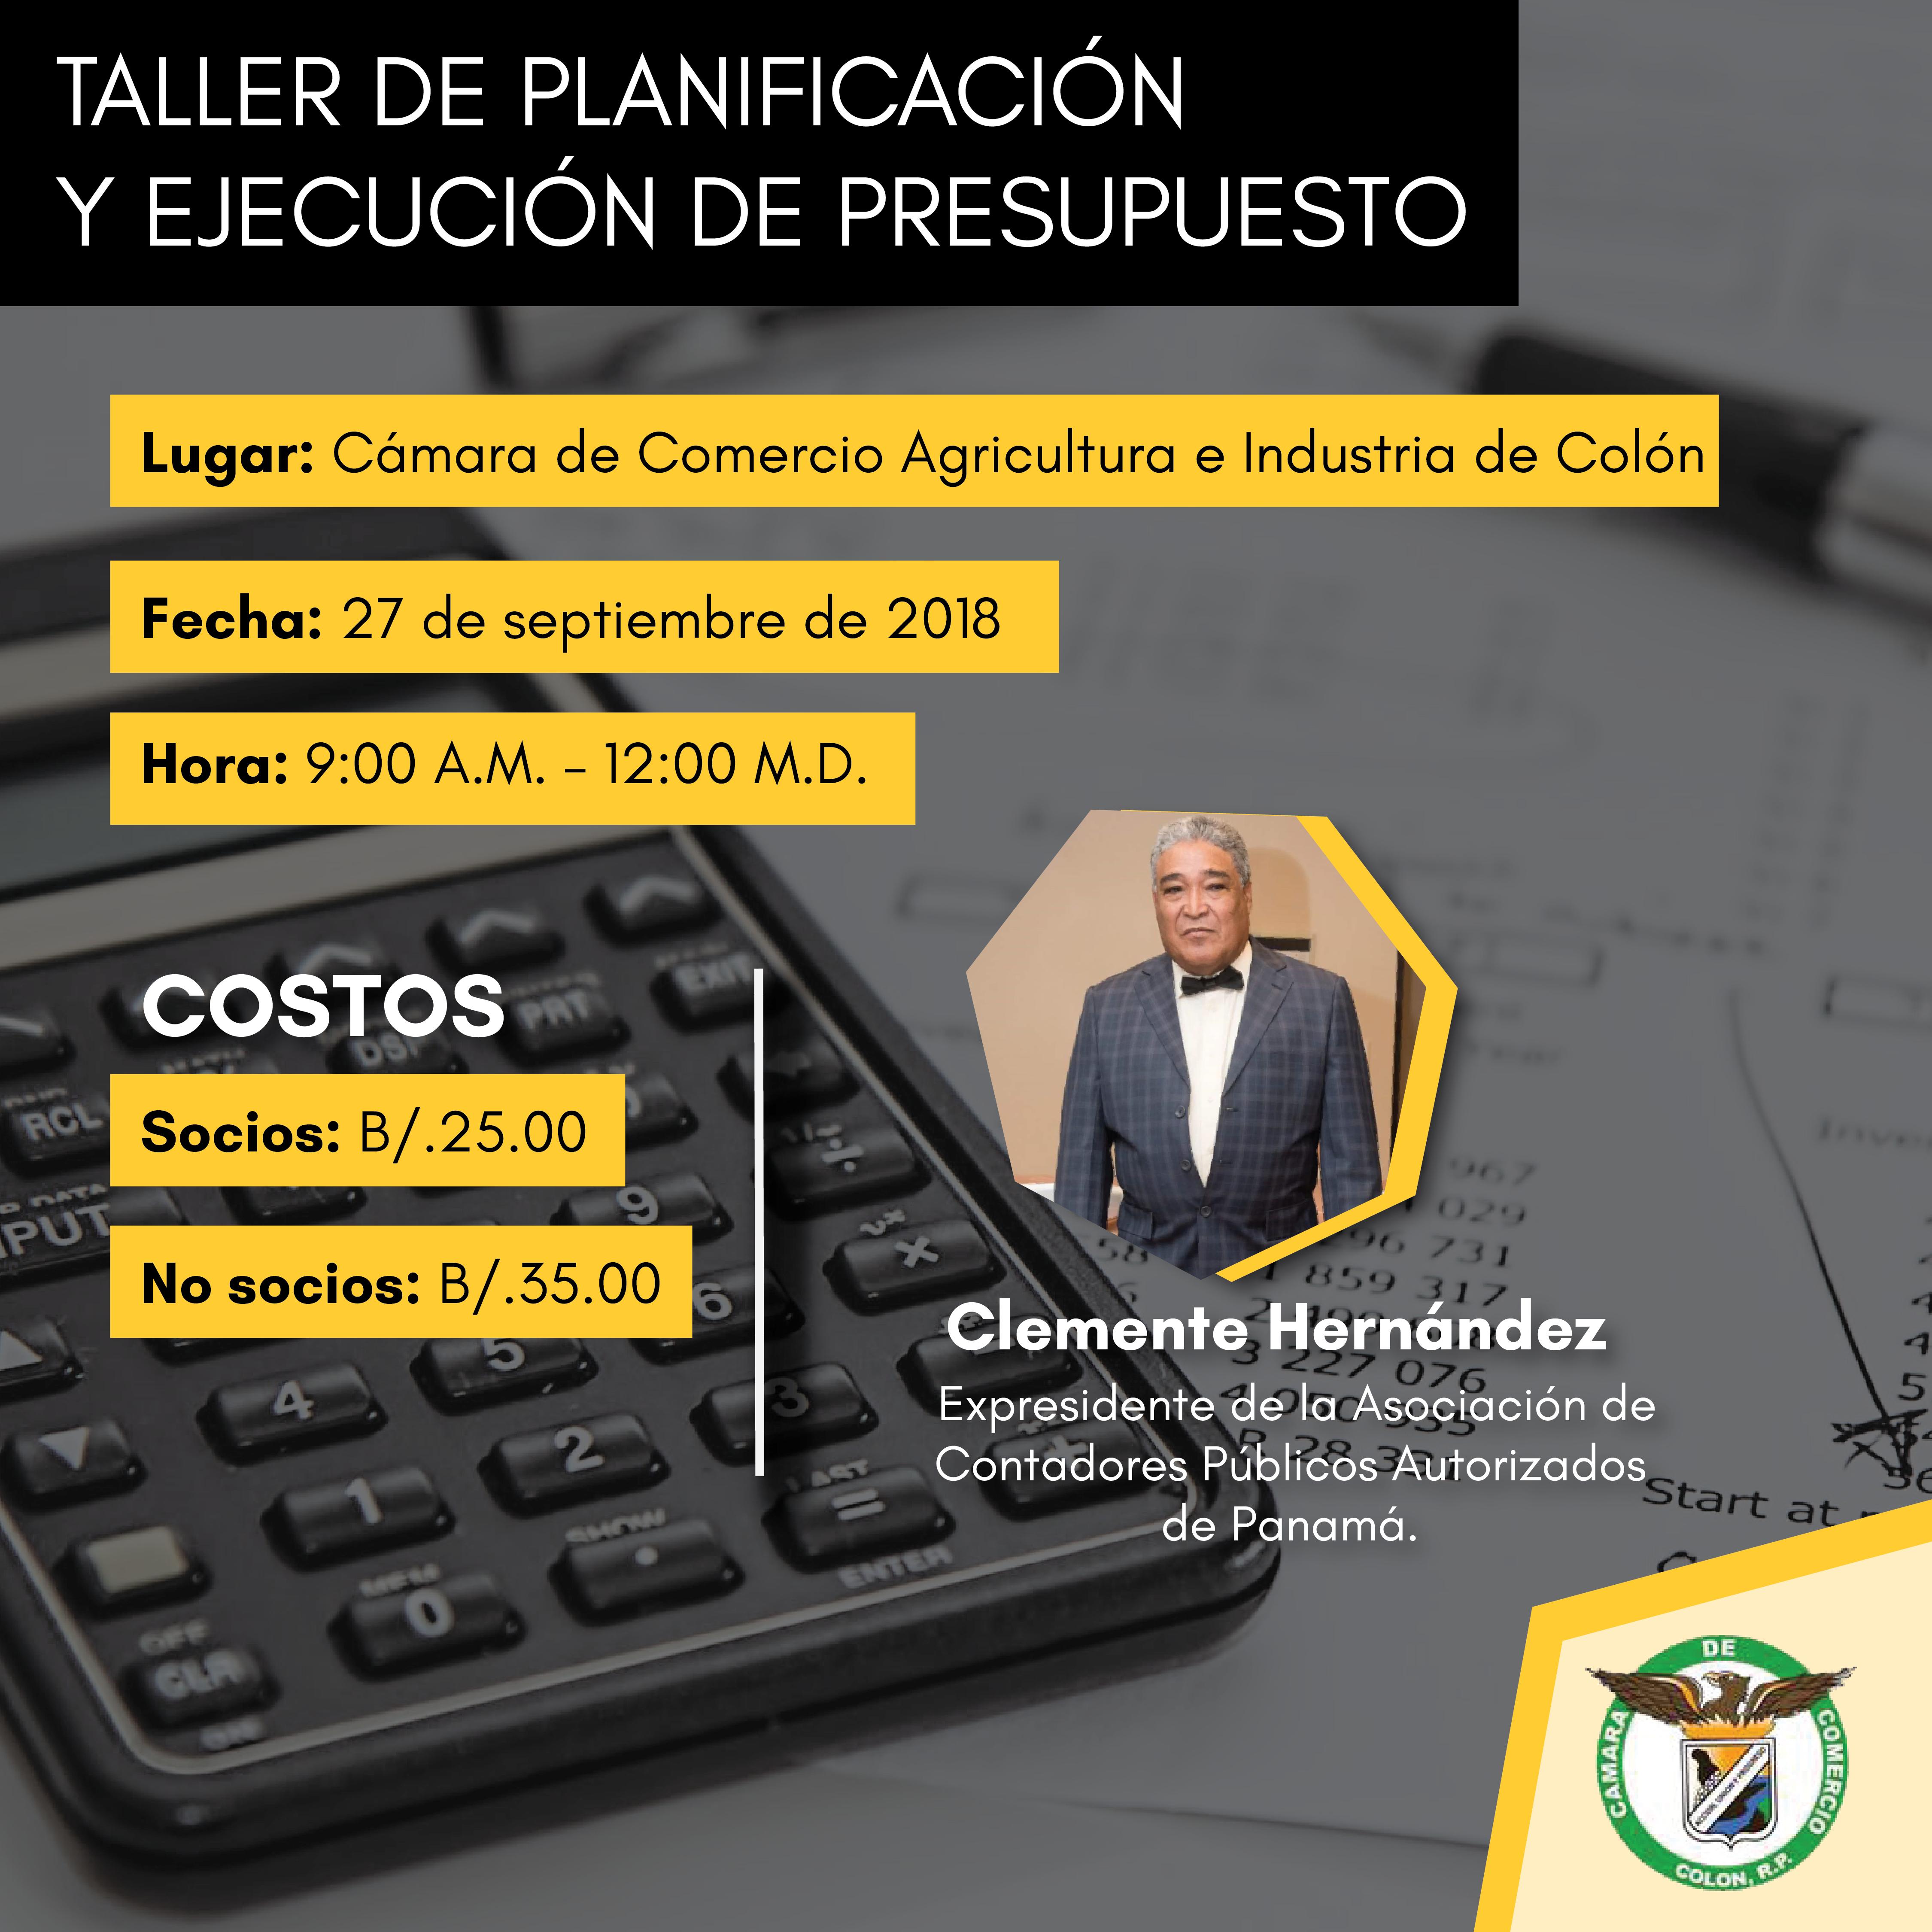 Taller de Planificación y Ejecución de Presupuesto